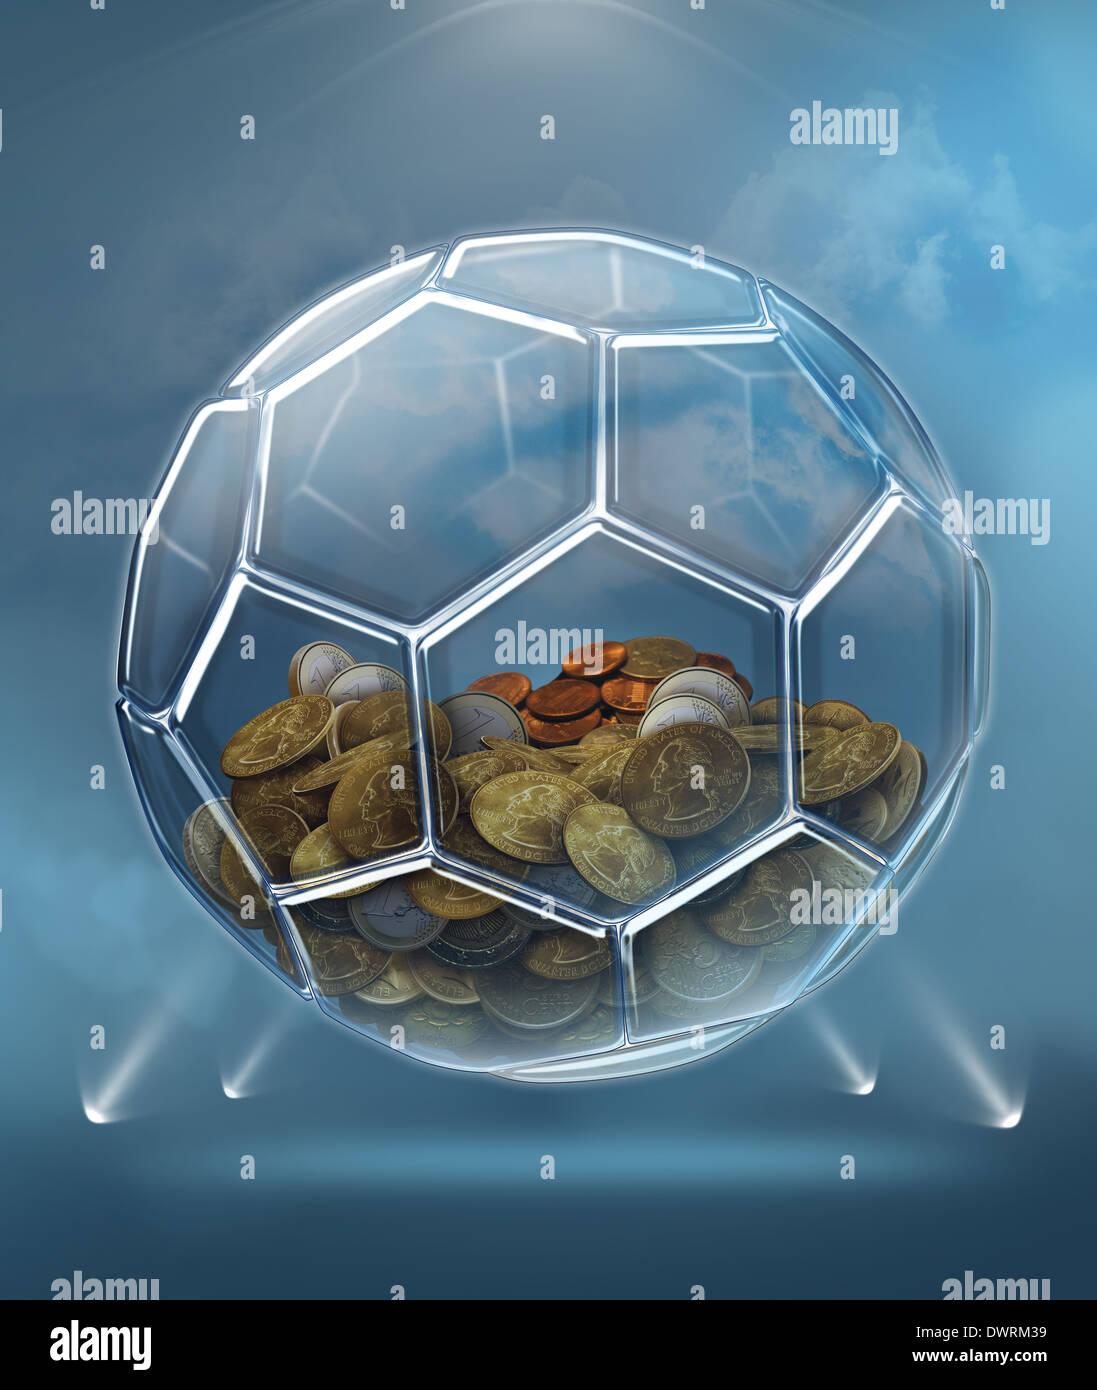 Illustration des pièces à l'intérieur de la bille transparente ce qui représente des économies pour le football carrière Photo Stock